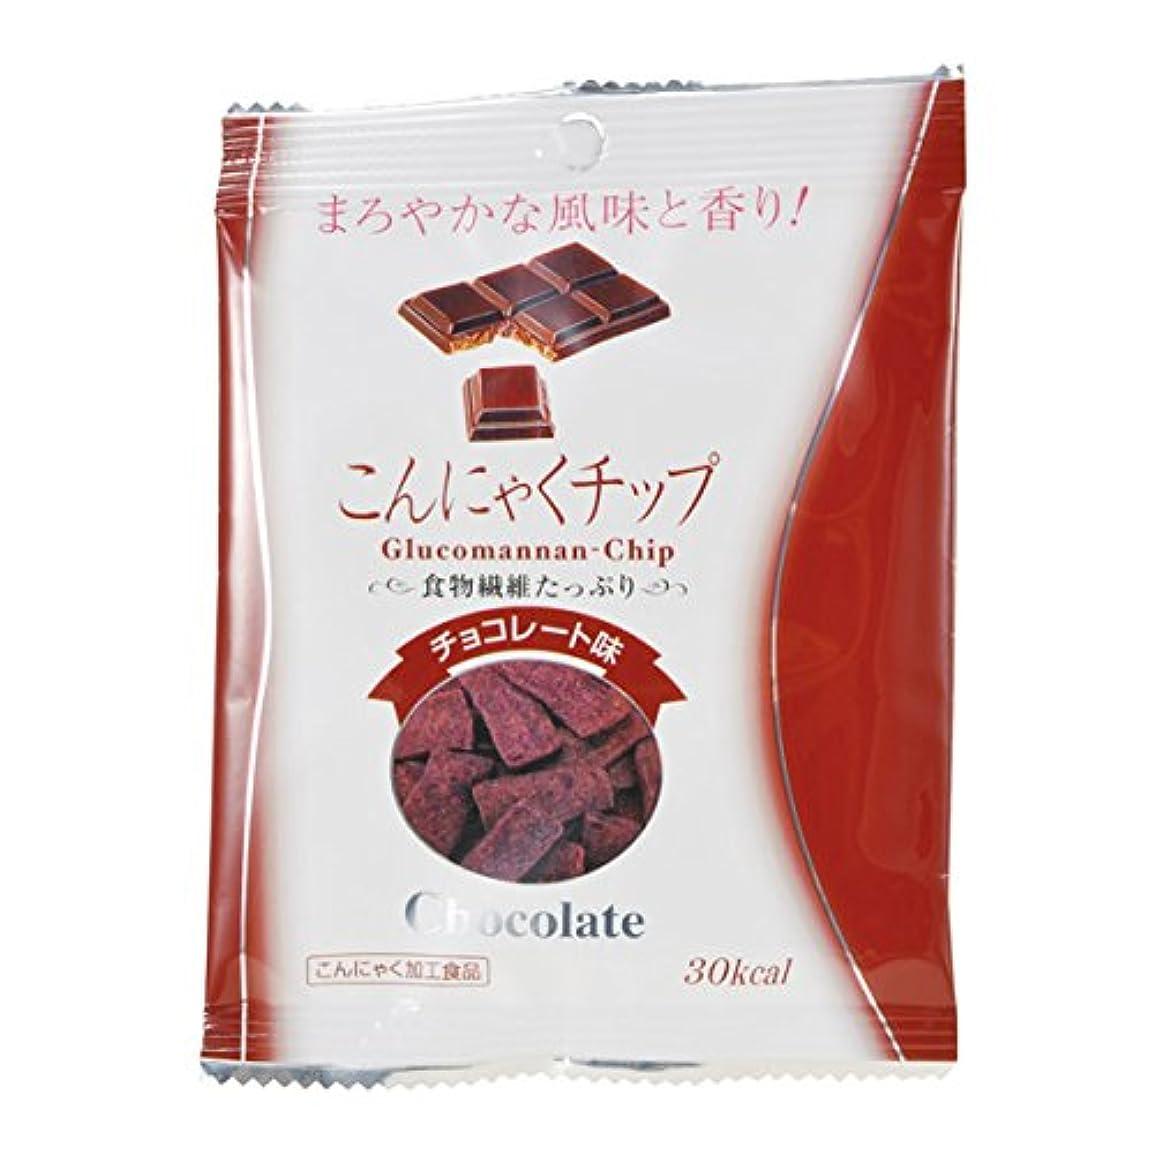 ドレイン装置自然こんにゃくチップ チョコレート味 1袋(17g)